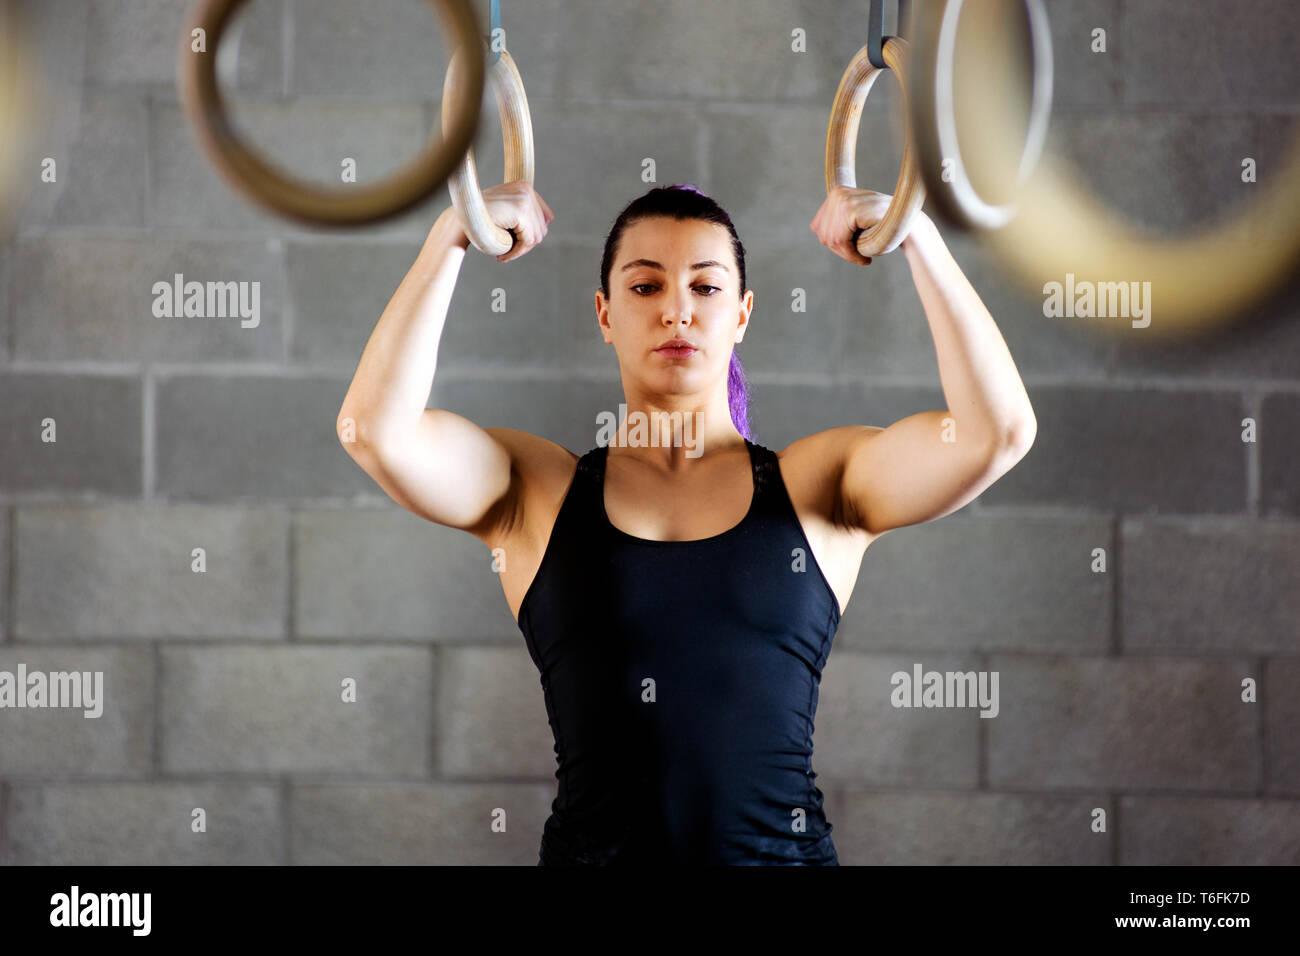 Joven atleta femenina concentrando antes de trabajar en la misma psyching anillos hasta comenzar su rutina de ejercicios en un gimnasio Imagen De Stock